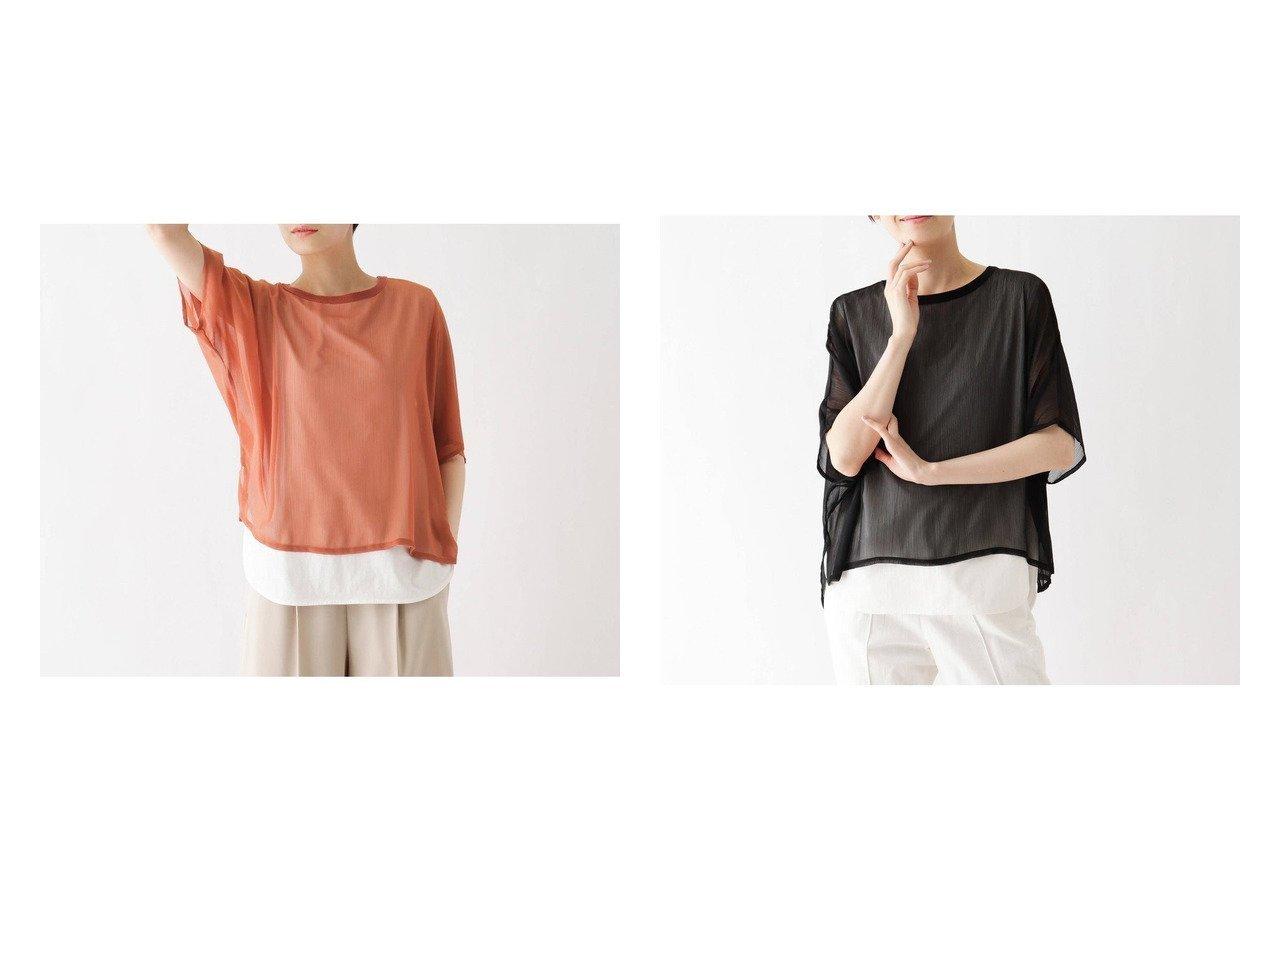 【SHOO LA RUE/シューラルー】のtricot tricot 楊柳シフォン重ね着風Tシャツ 【プチプライス・低価格】おすすめ!人気トレンド・レディースファッション通販 おすすめで人気の流行・トレンド、ファッションの通販商品 インテリア・家具・メンズファッション・キッズファッション・レディースファッション・服の通販 founy(ファニー) https://founy.com/ ファッション Fashion レディースファッション WOMEN トップス・カットソー Tops/Tshirt シャツ/ブラウス Shirts/Blouses ロング / Tシャツ T-Shirts 2021年 2021 2021春夏・S/S SS/Spring/Summer/2021 S/S・春夏 SS・Spring/Summer とろみ インナー カットソー シフォン 夏 Summer 春 Spring |ID:crp329100000049358